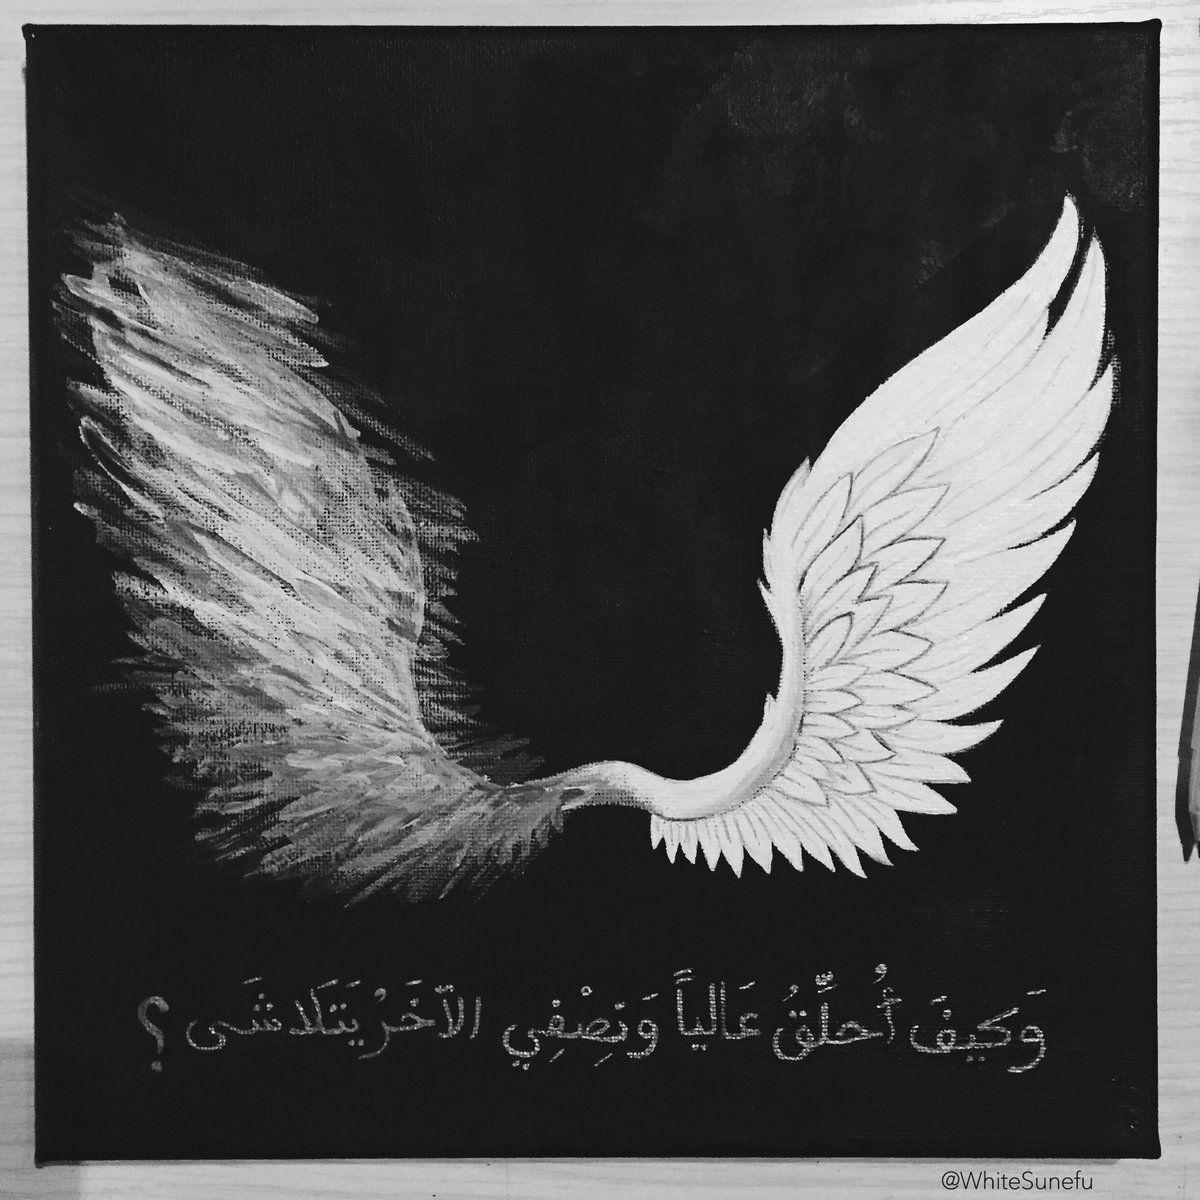 نغم 9imusic Twitter Arabic Quotes Iphone Wallpaper Quotes Love Black Books Quotes